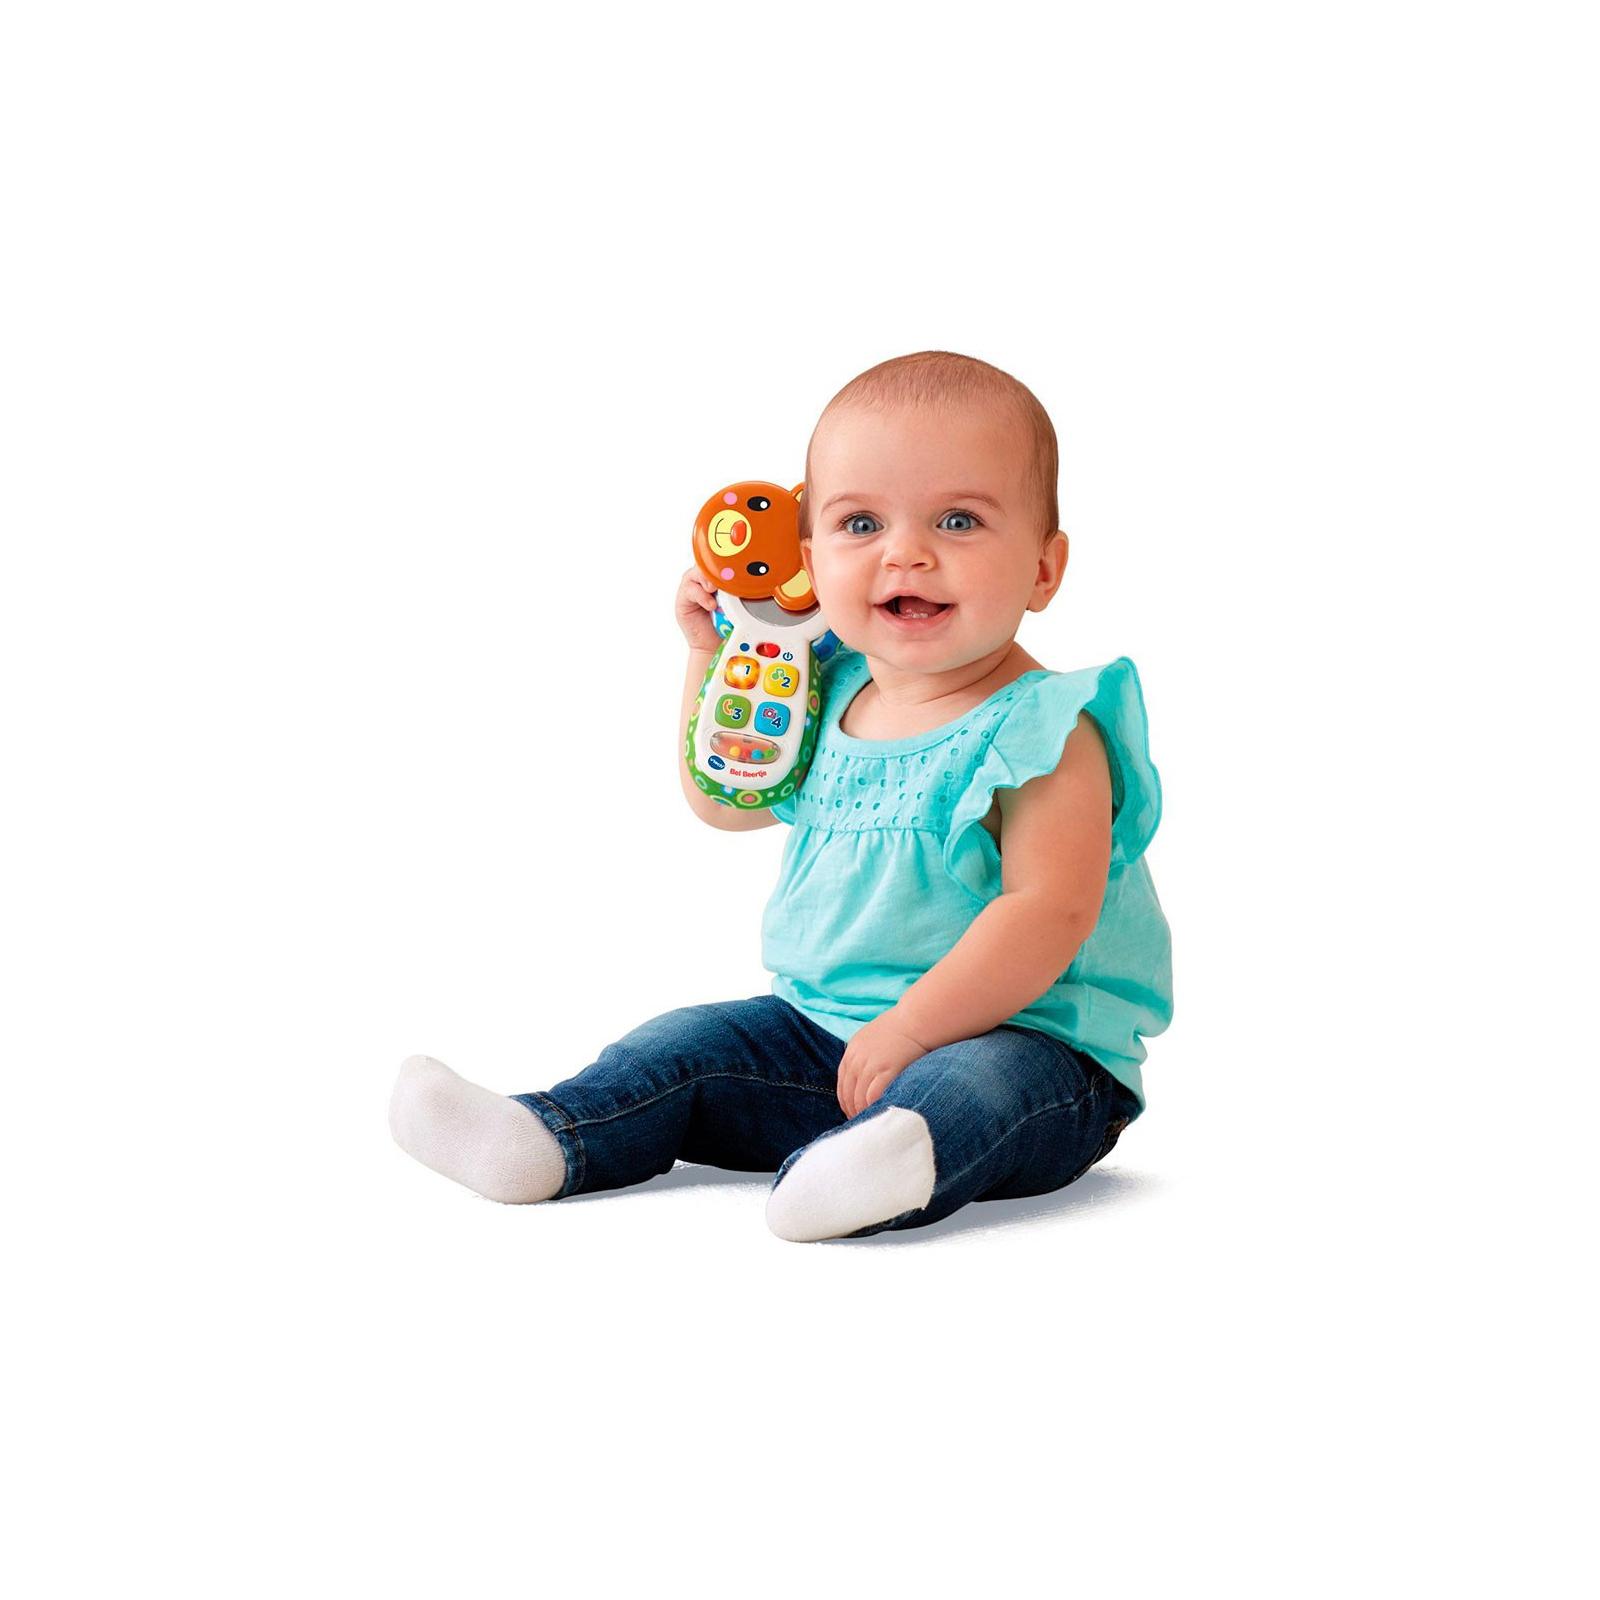 Развивающая игрушка VTech телефон Отвечай и играй со звуковыми эффектами (80-502726) изображение 5